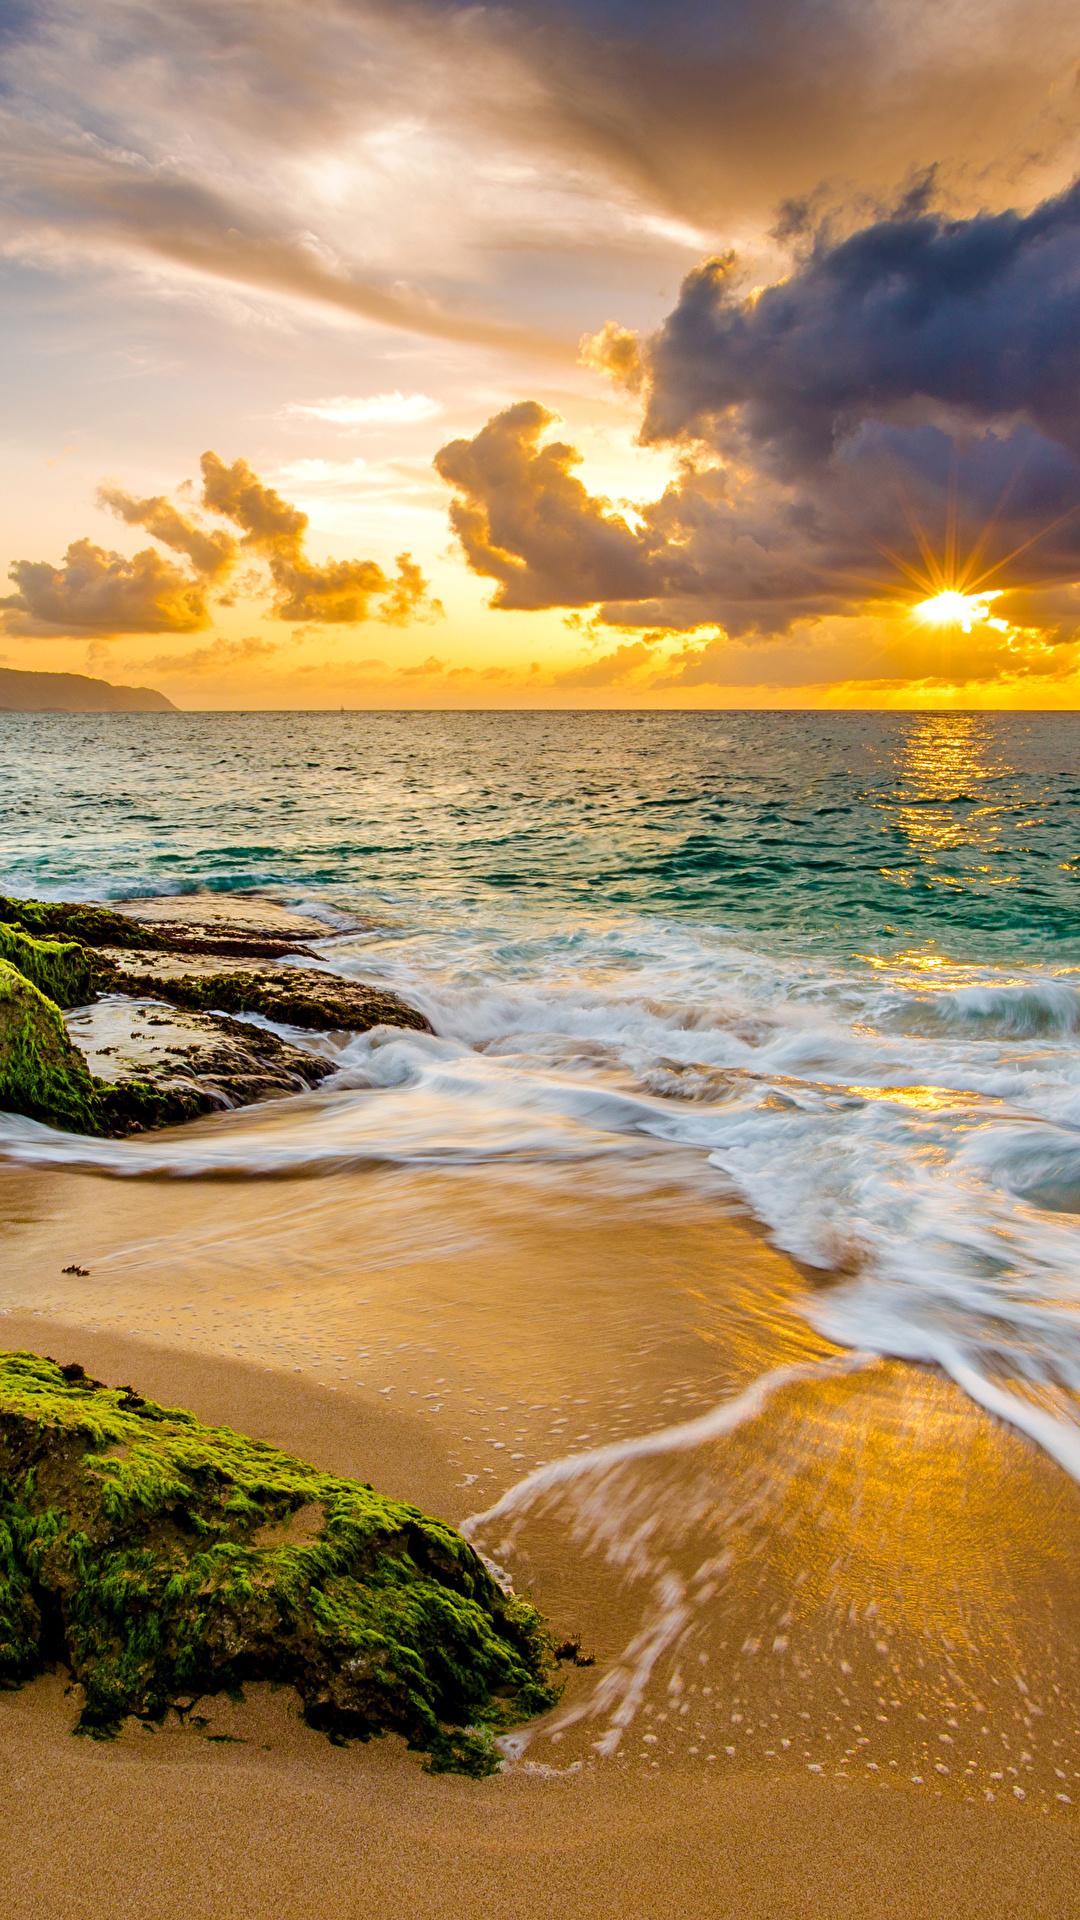 Foto Hawaii USA Strand Ozean Natur Wasserwelle Landschaftsfotografie Sonnenaufgänge und Sonnenuntergänge Küste Laubmoose Wolke 1080x1920 für Handy Vereinigte Staaten Strände Morgendämmerung und Sonnenuntergang